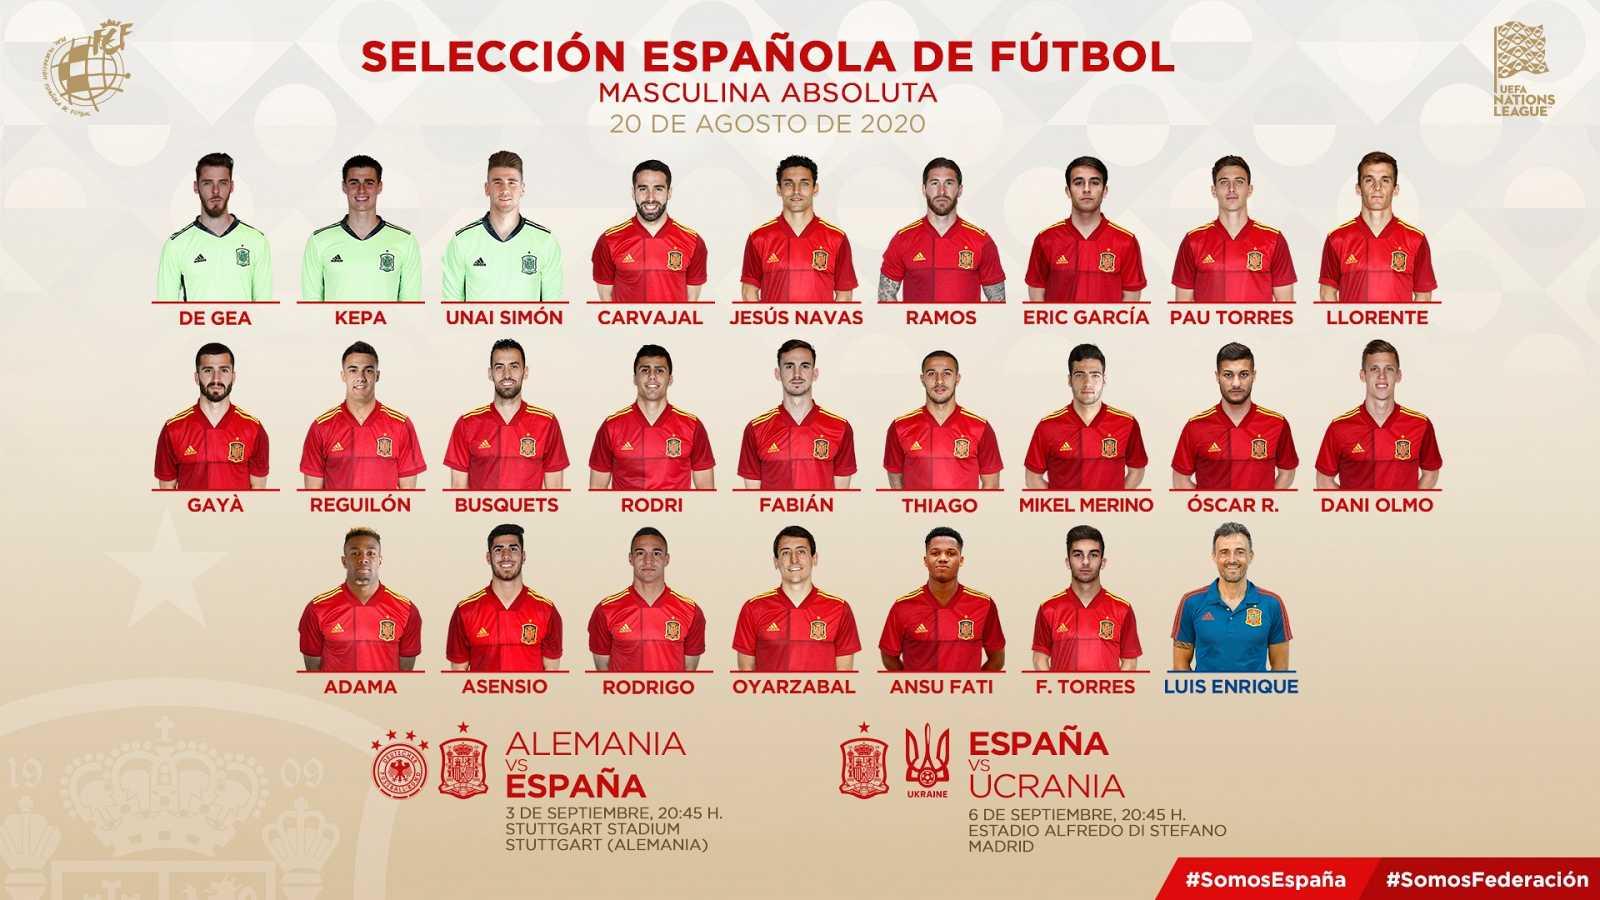 Luis Enrique revoluciona con juventud la selección española